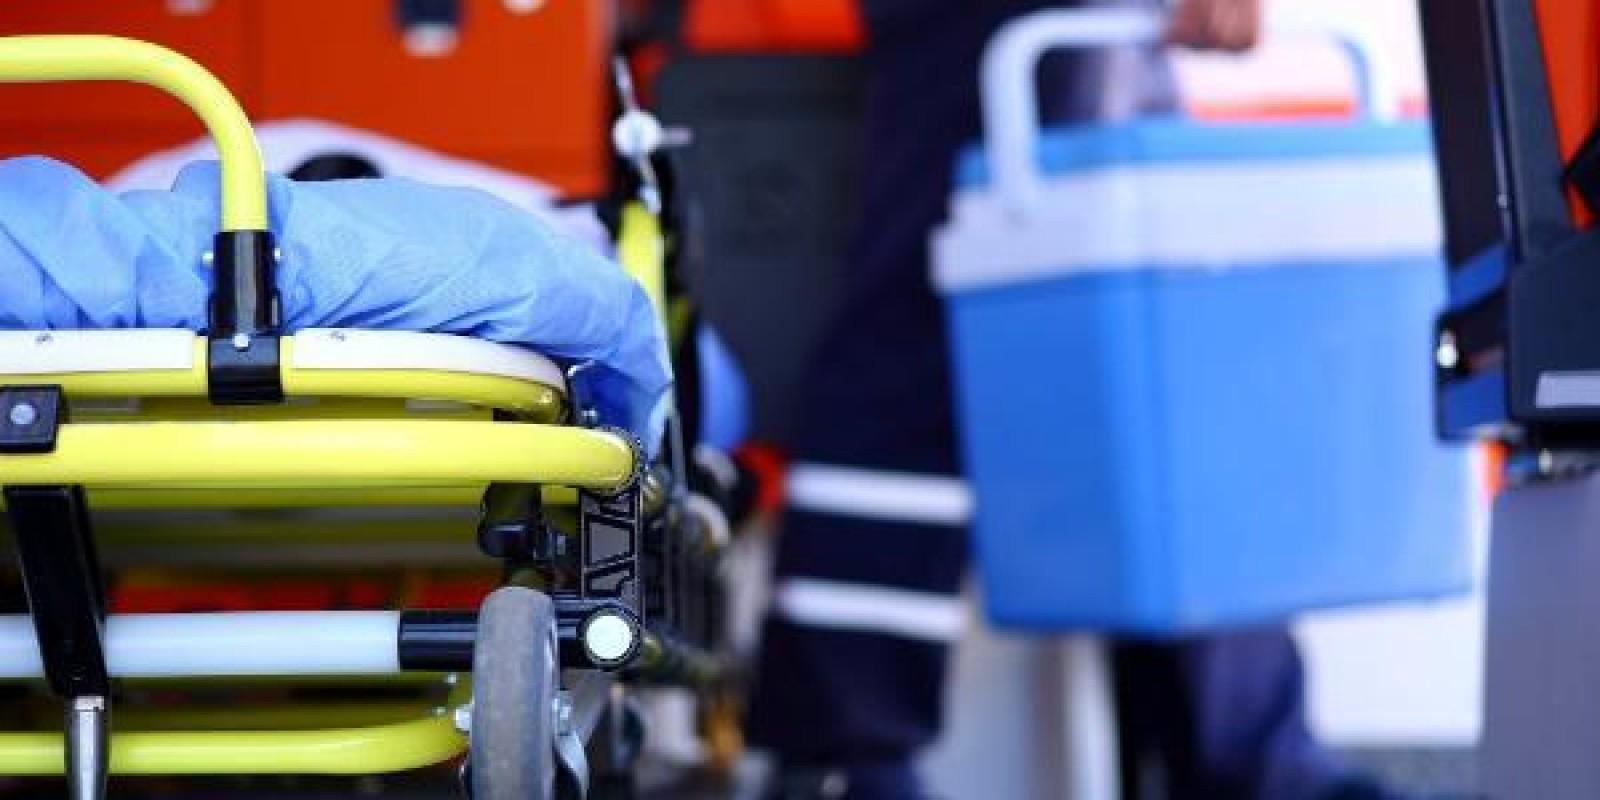 Principal motivo para a não doação de um órgão é a negativa familiar